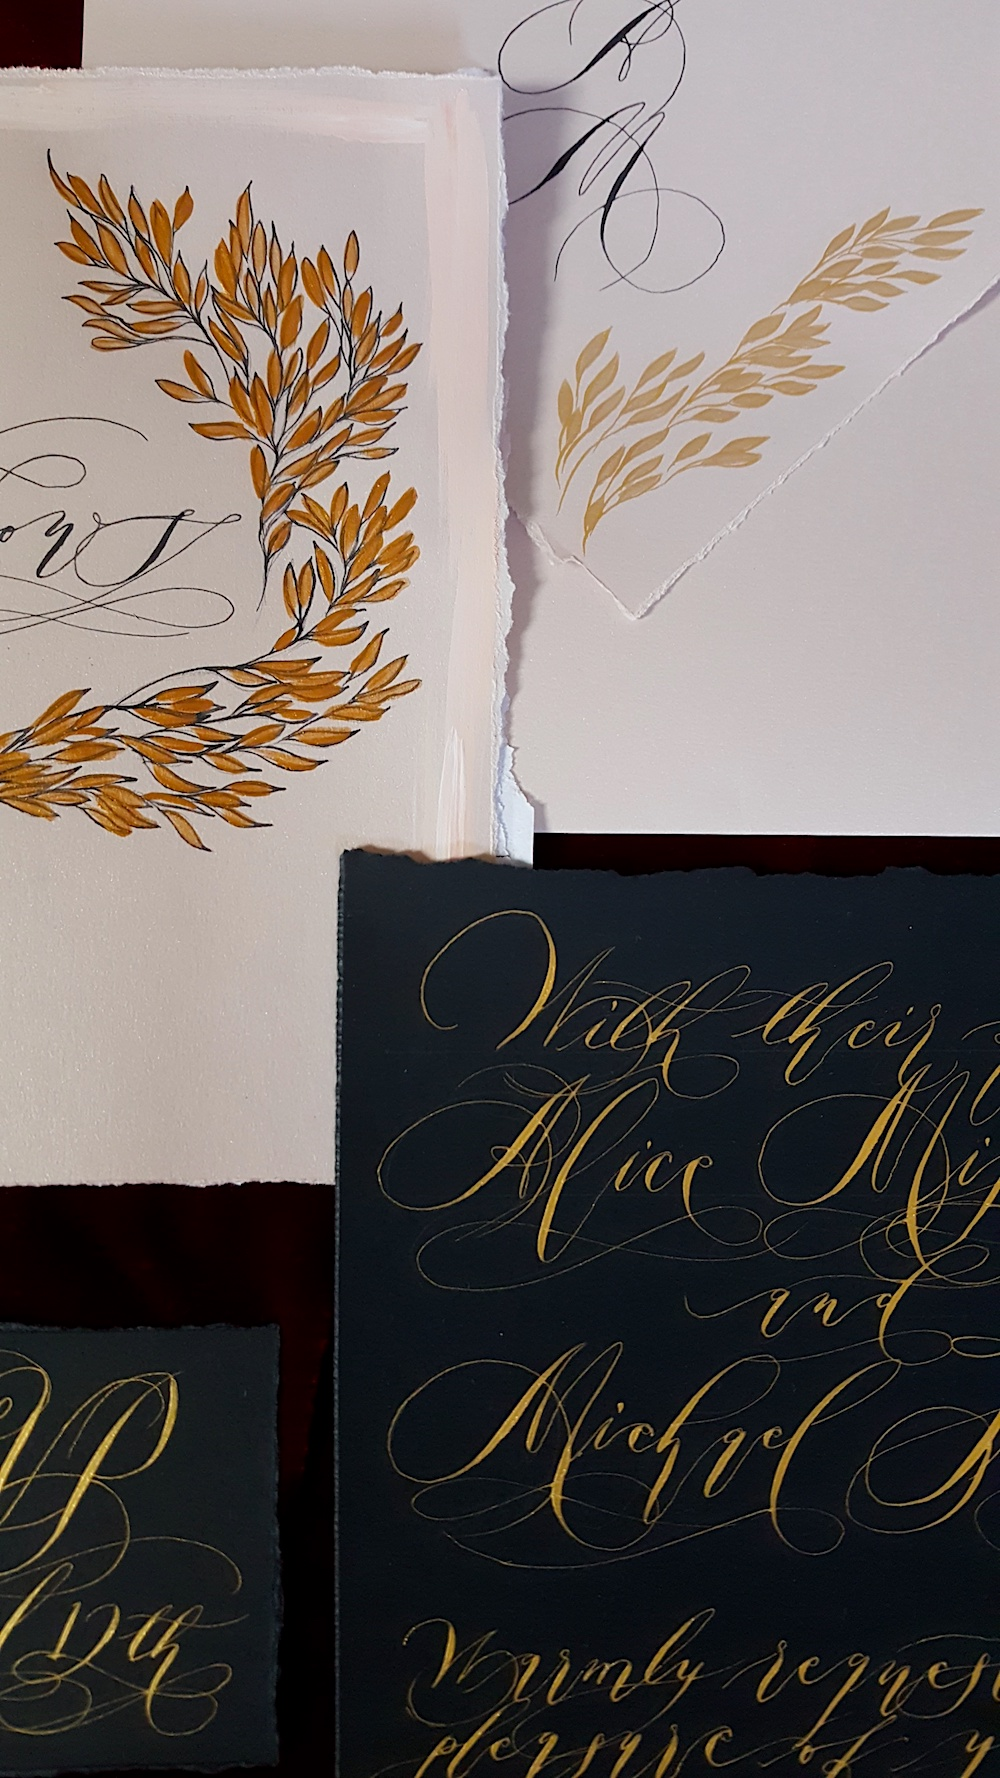 Black Tie Party Invitations vow books - Crimson Letters